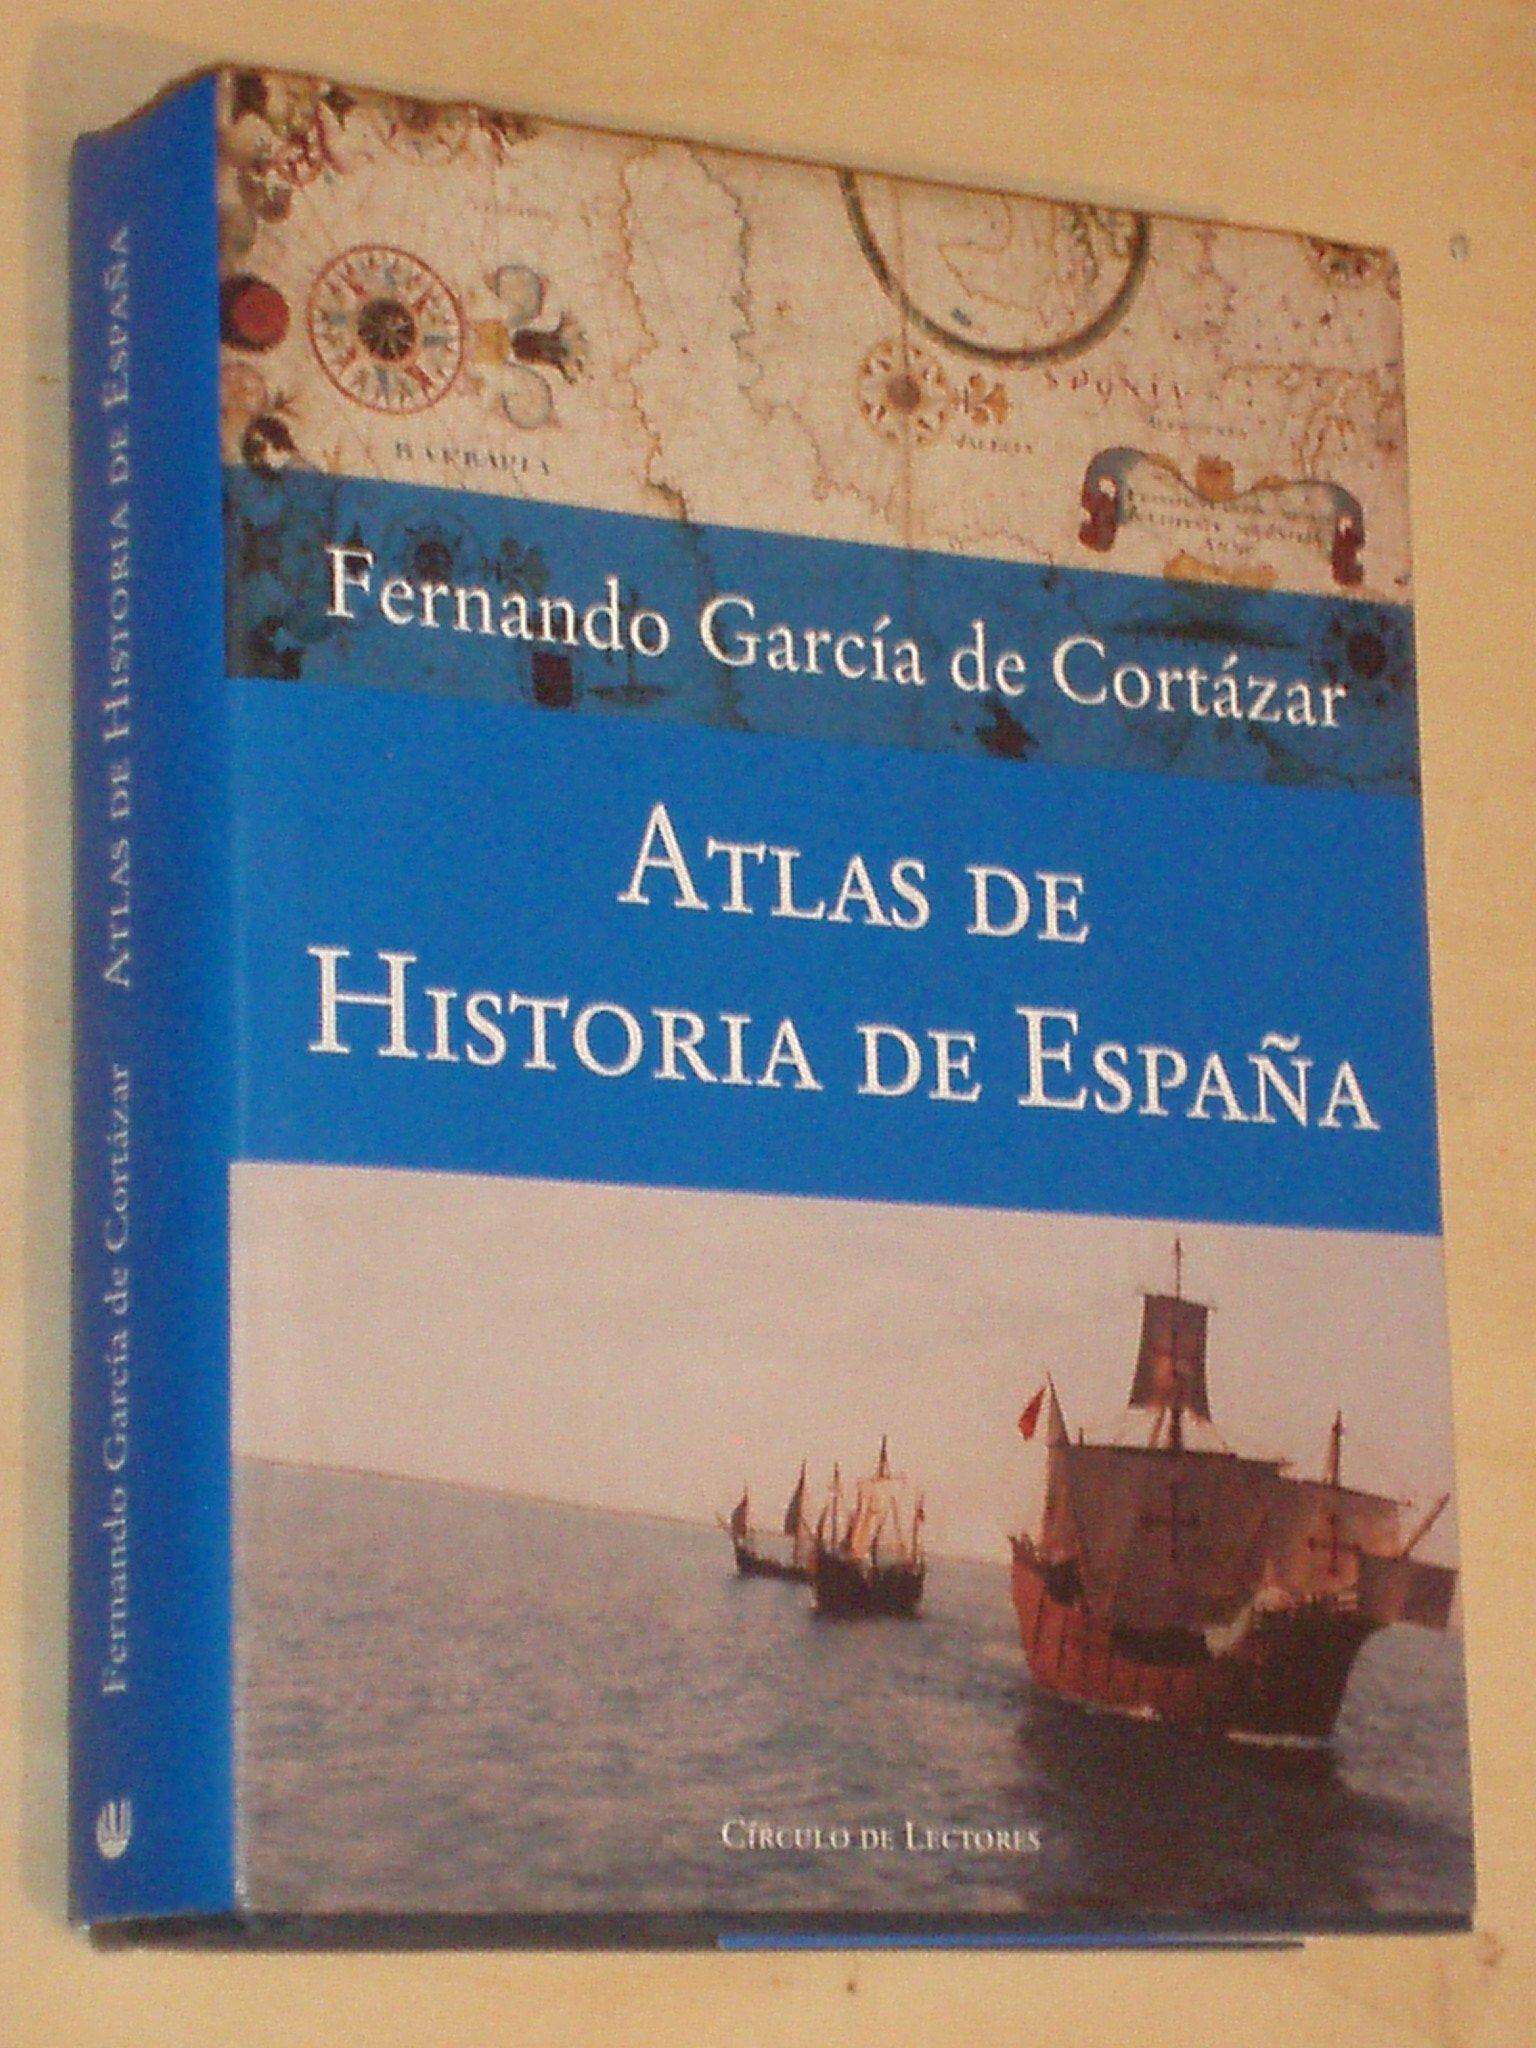 ATLAS DE HISTORIA DE ESPAÑA: Amazon.es: García de Cortázar, Fernando: Libros